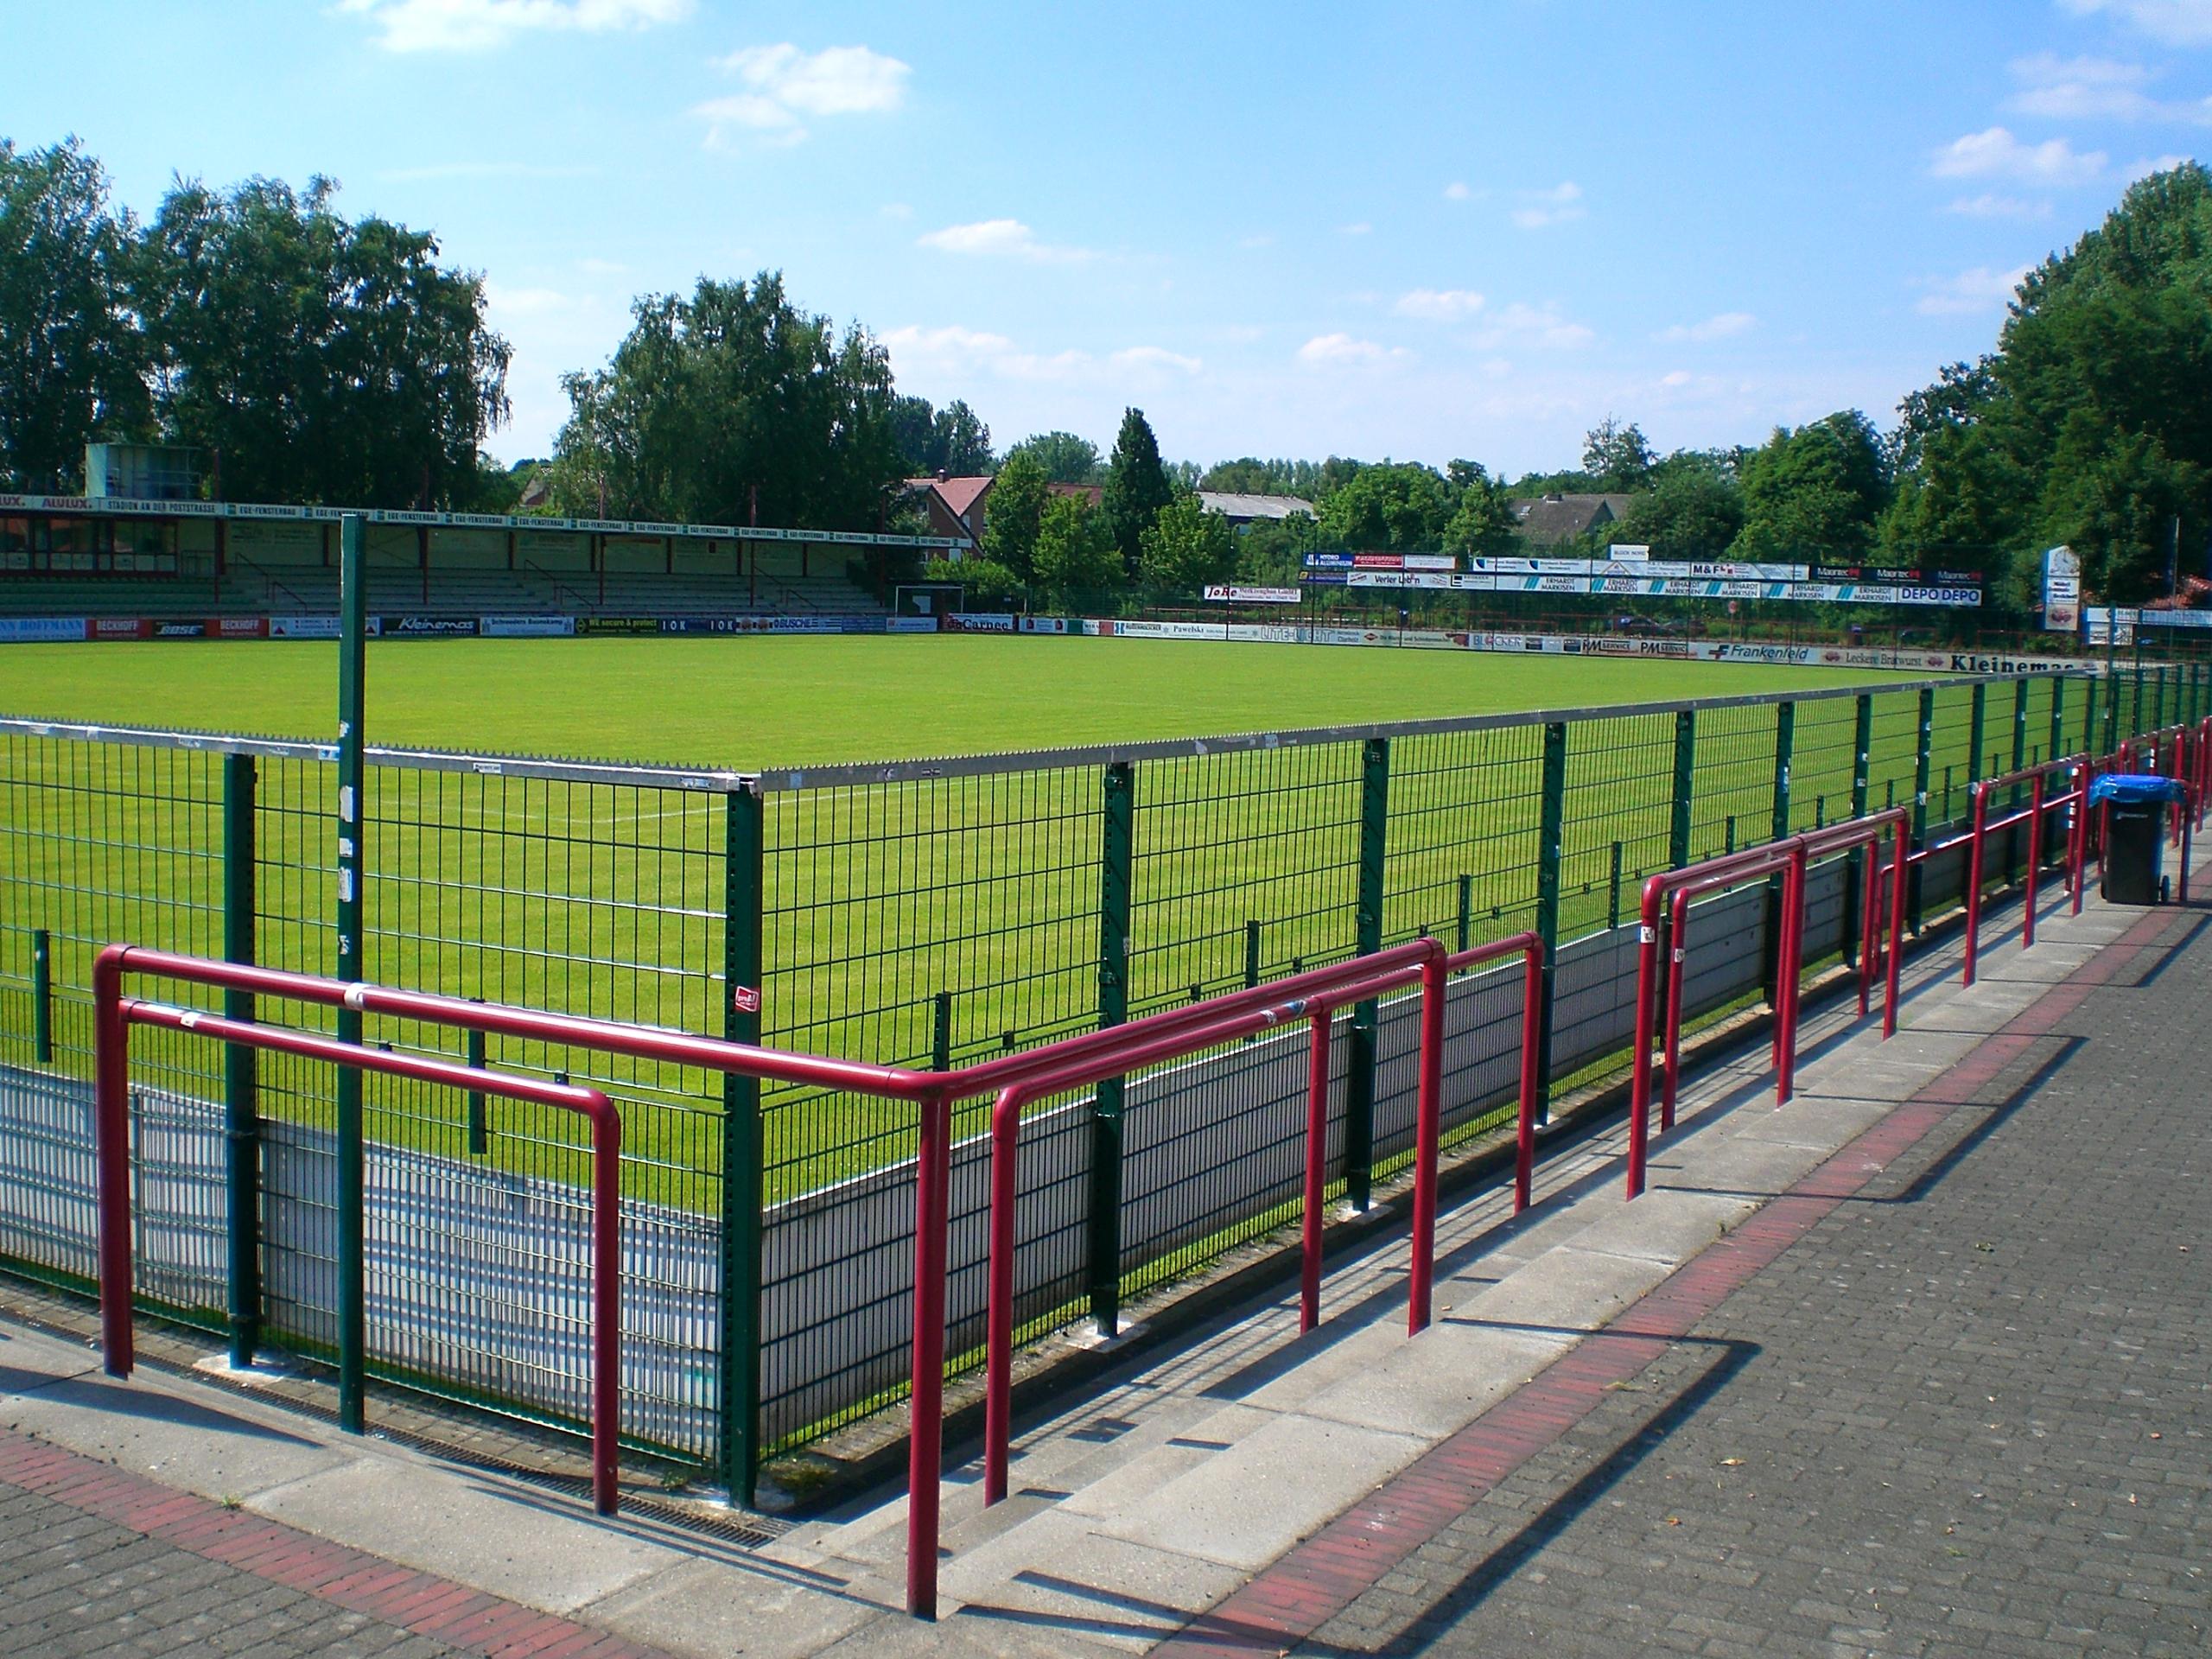 Stadion an der Poststraße - Quelle Wikipedia